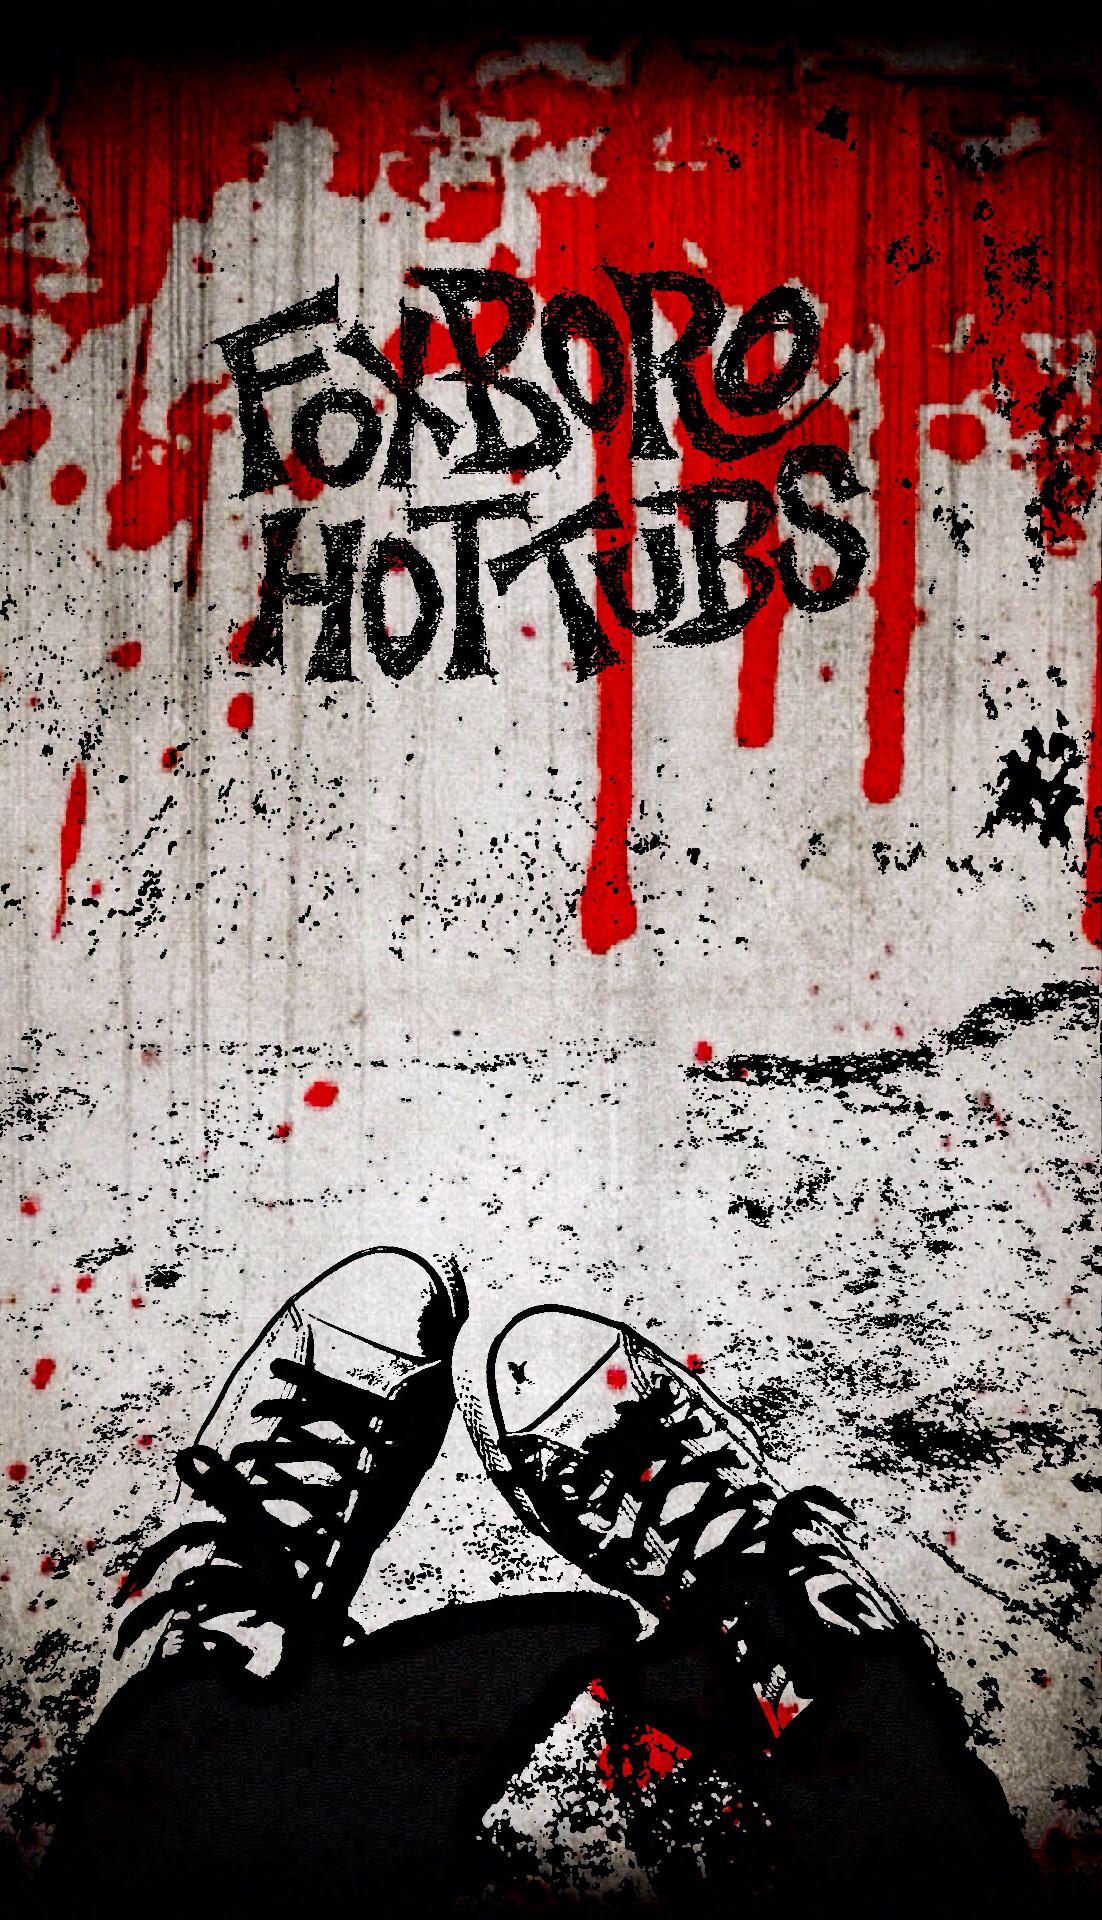 Fall Live Wallpaper Iphone Punk Rock Wallpaper 183 ① Wallpapertag